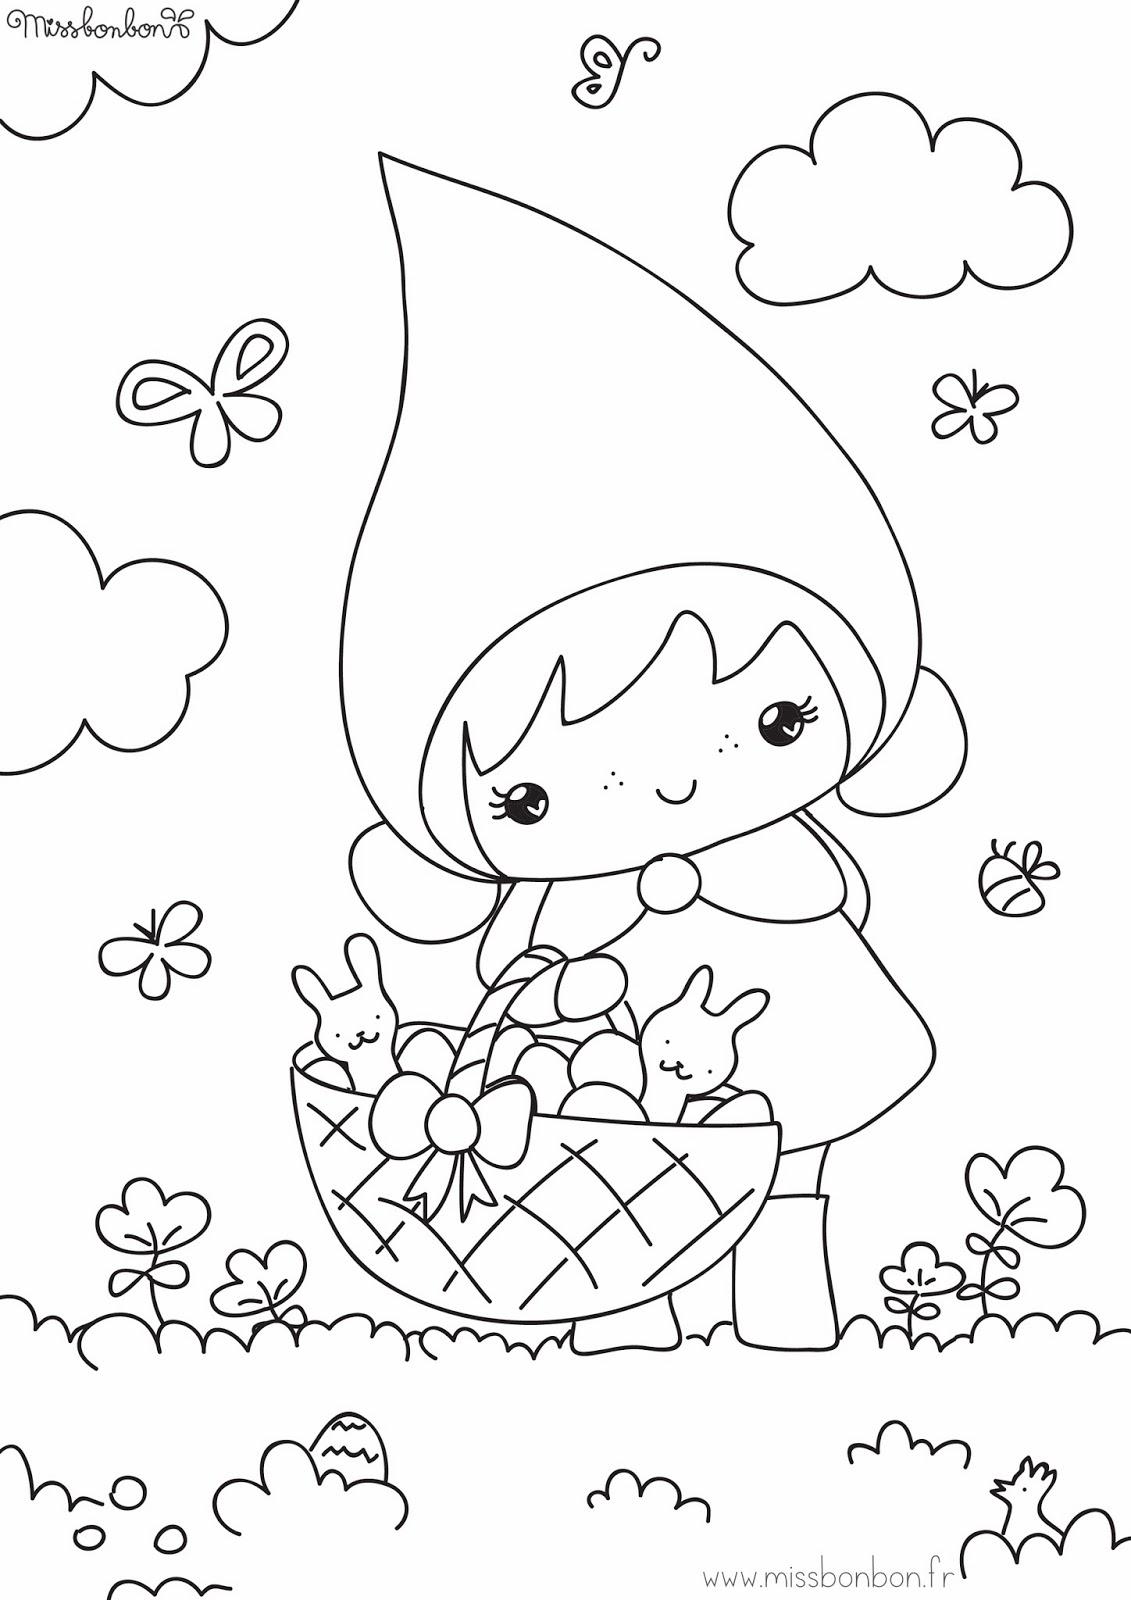 Coloriages d éveil pour bébé Tête à modeler - coloriage pour les petits